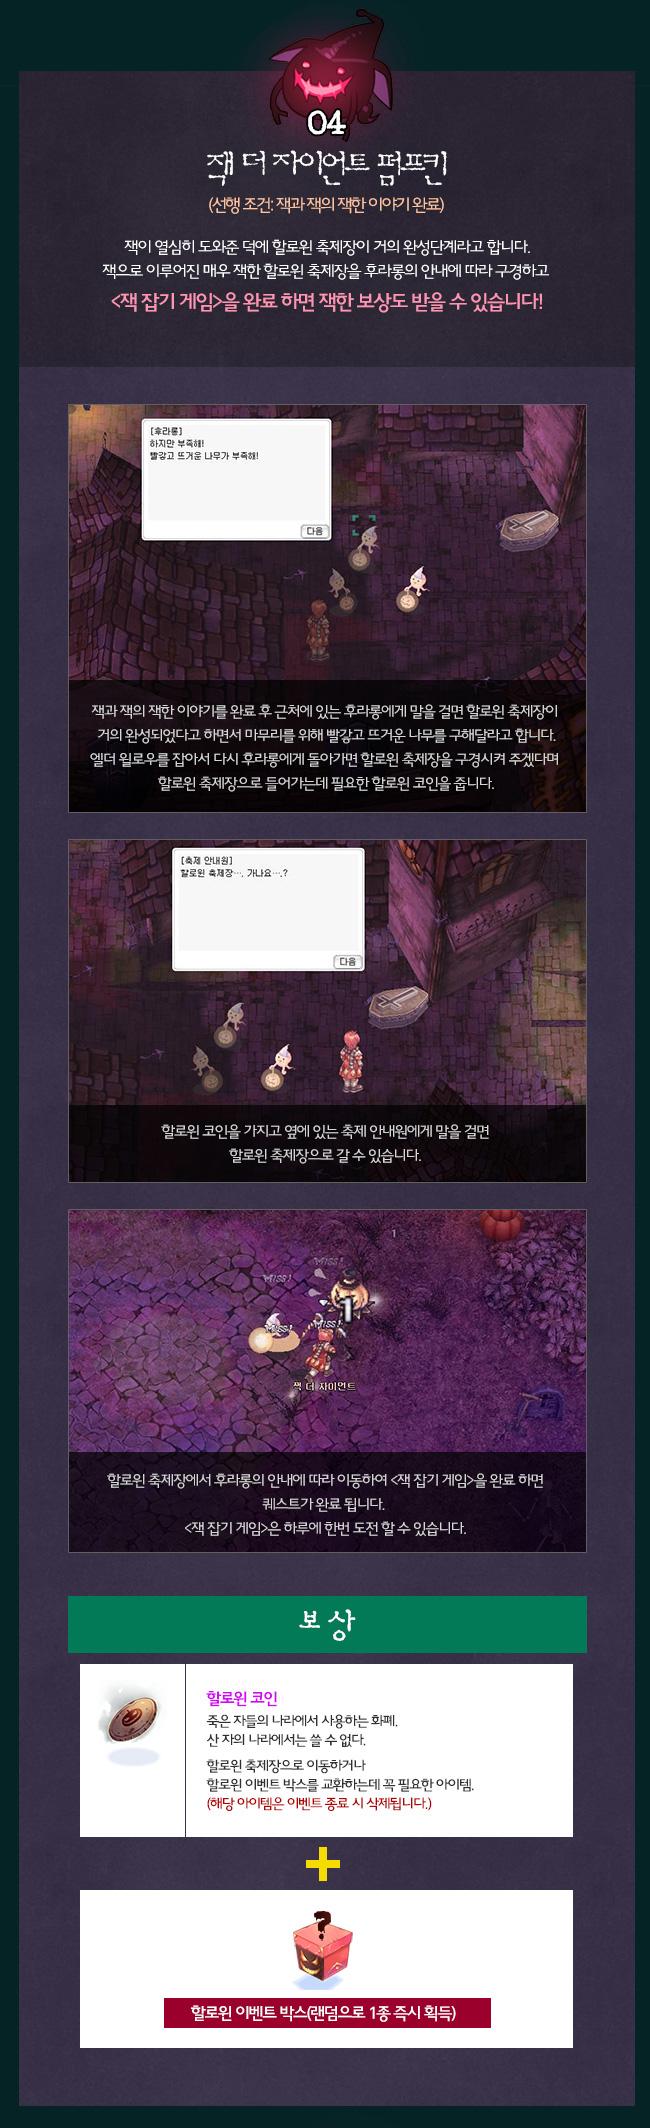 [RO1]_2020 Halloween Event image 5